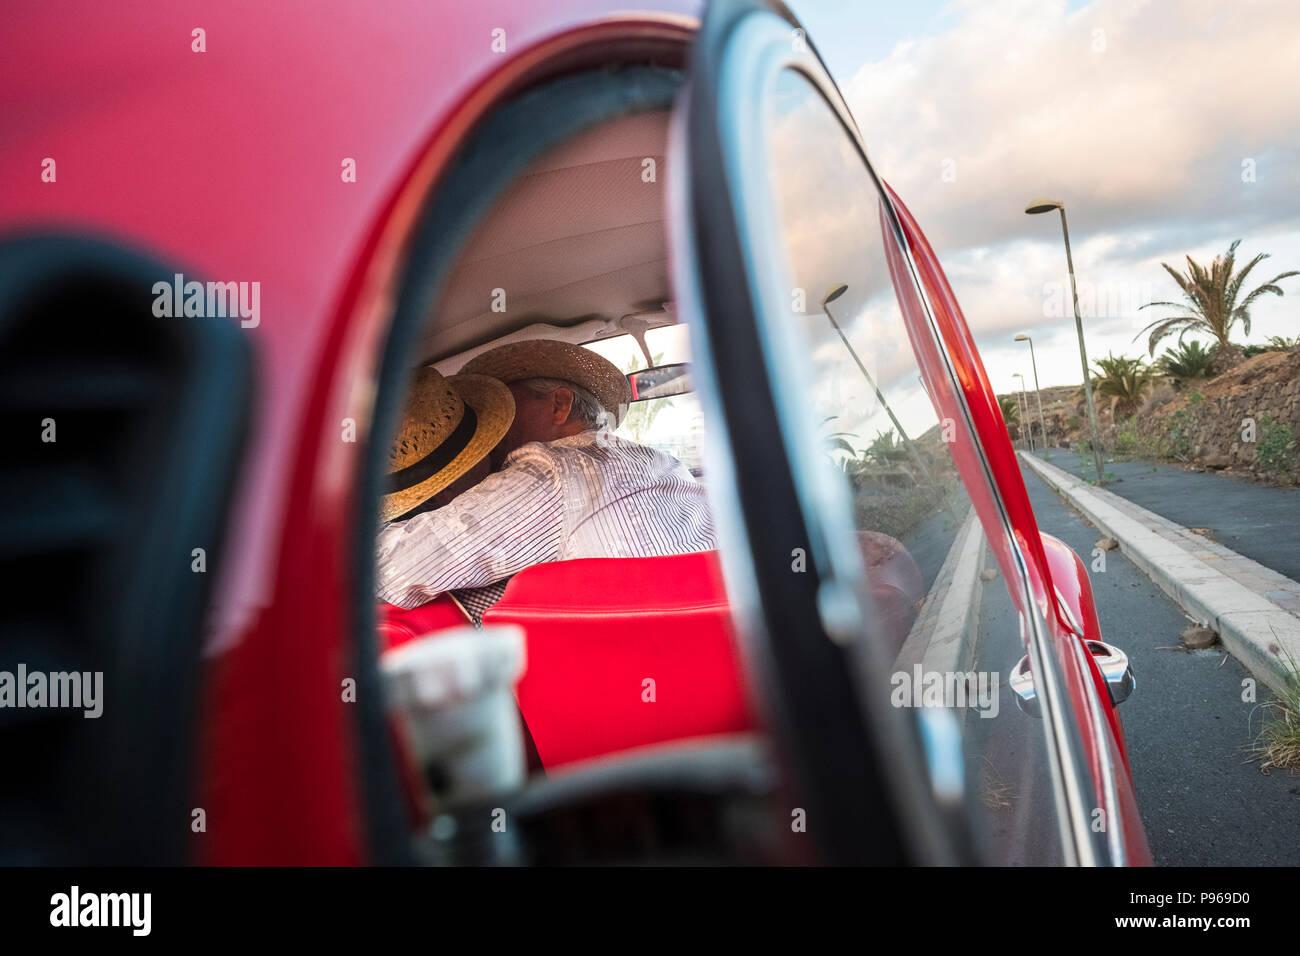 Liebe Kuss von einem Auto Glas gefangen. zwei ältere Mann und Frau Küssen mit Liebe und ein Leben für immer zusammen feiern. Reisen und Ferien. Menschen enj Stockbild